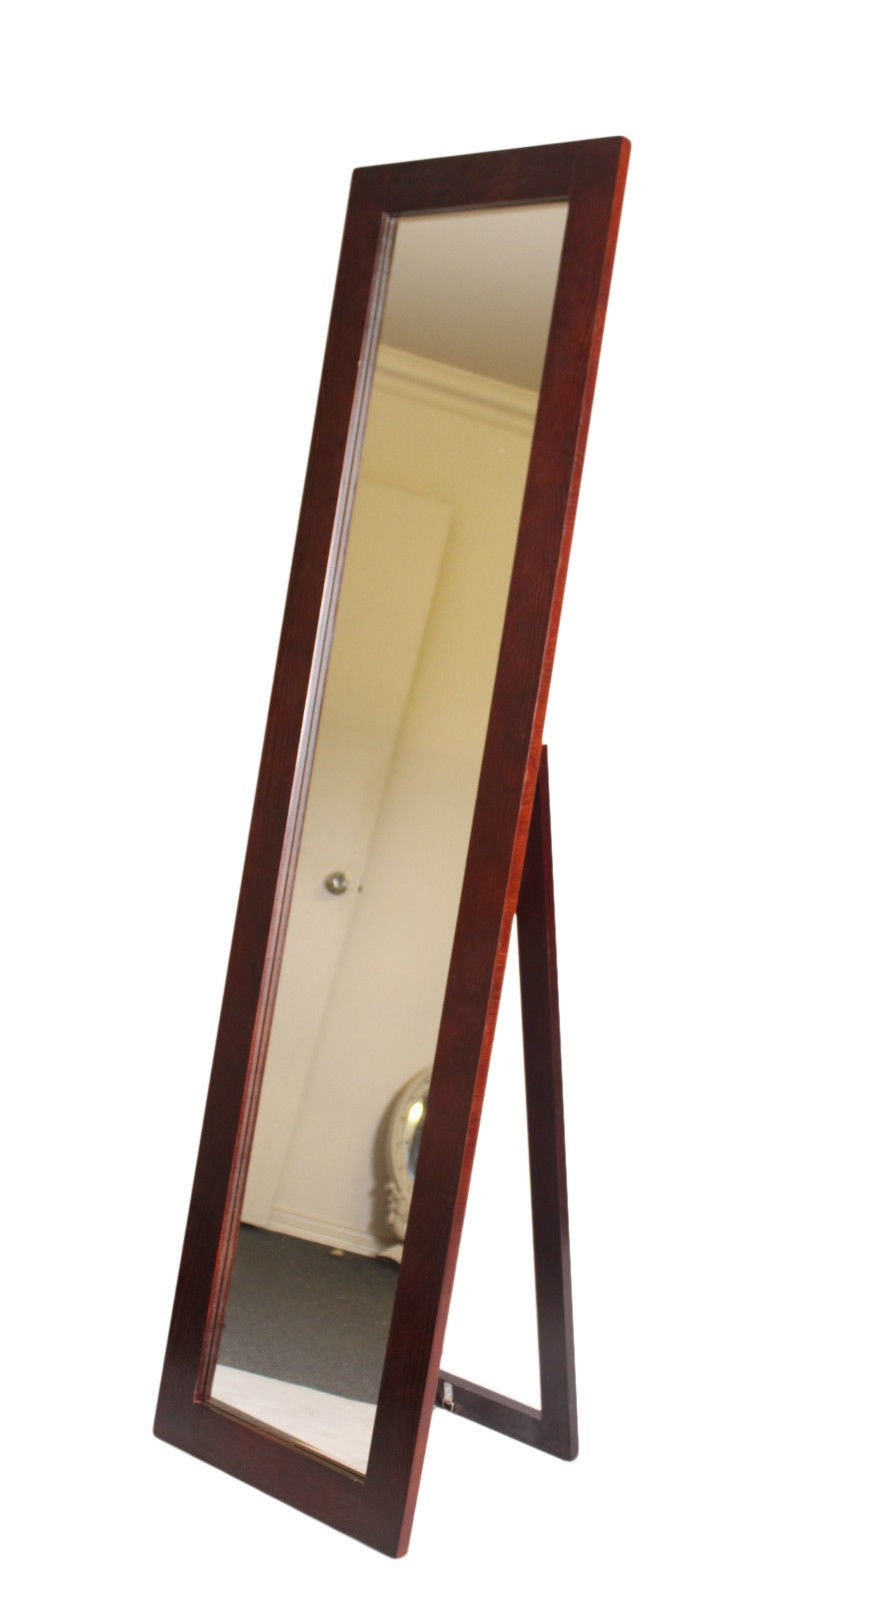 Cheval rectangular free standing full length floor mirror for Full length floor mirror